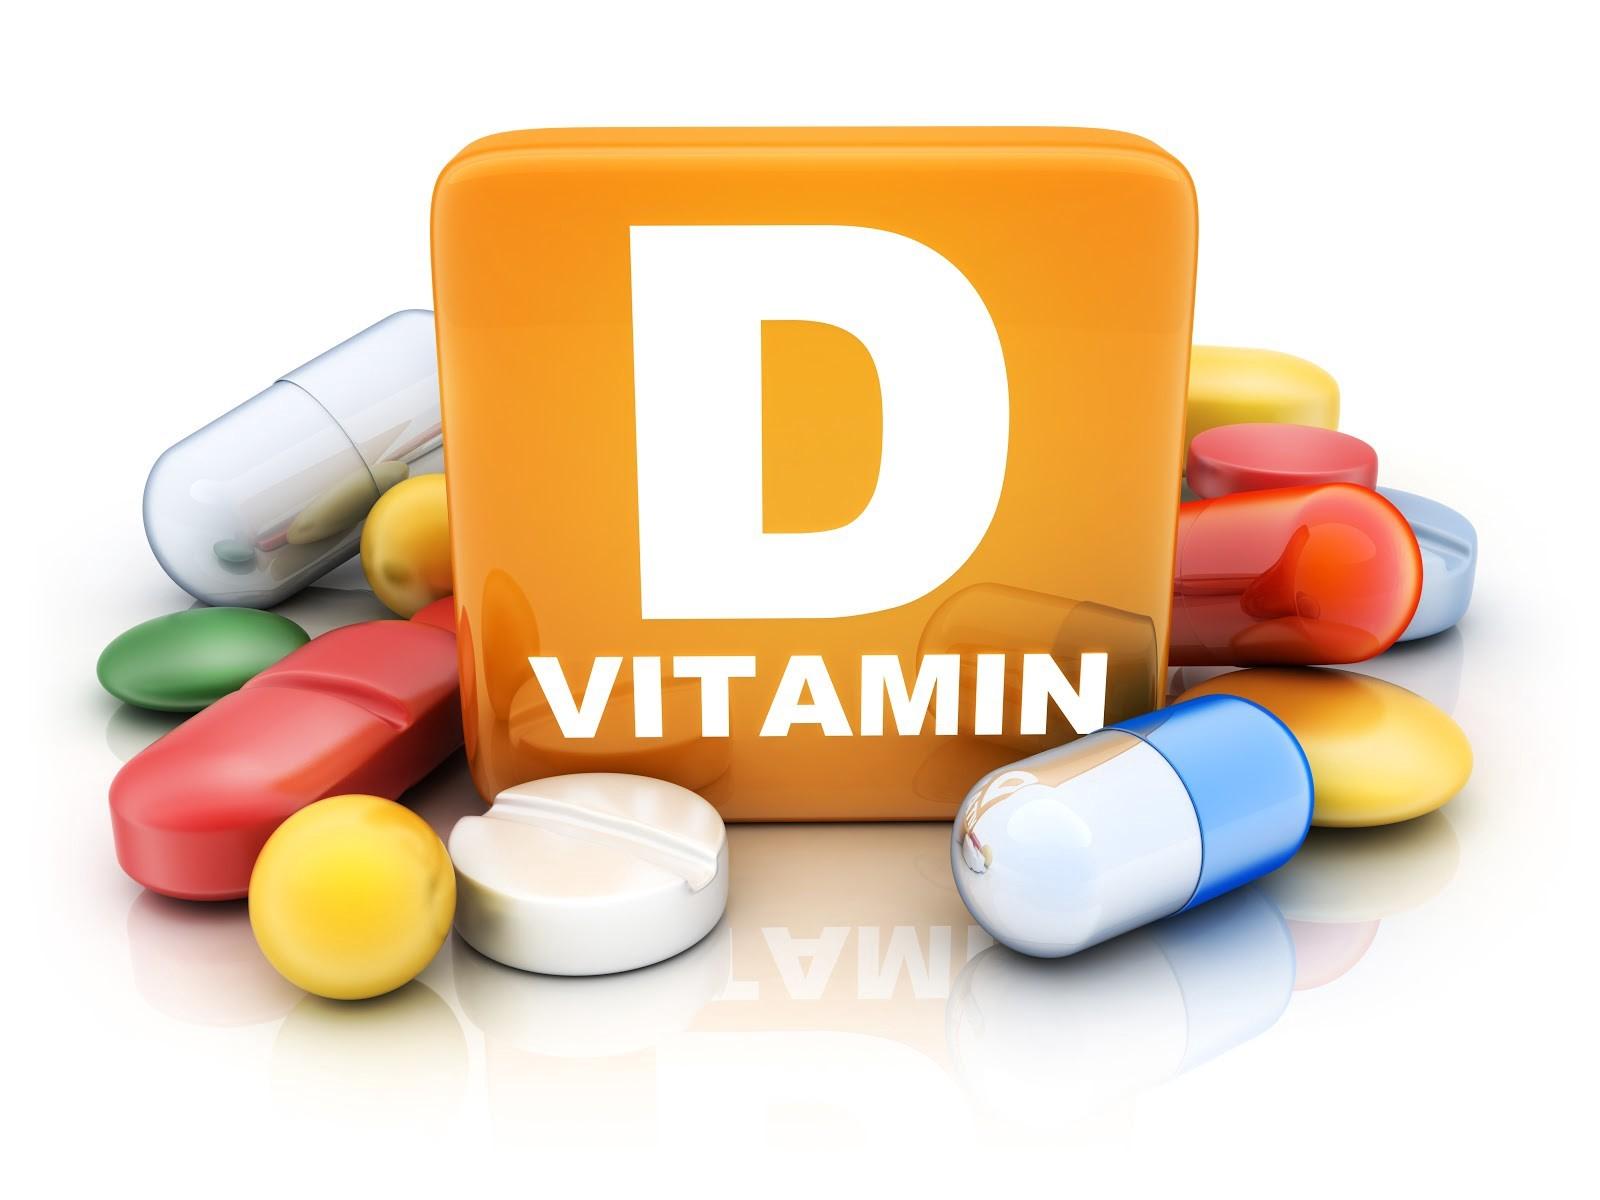 Vitamin D giúp giảm nguy cơ mắc Covid-19